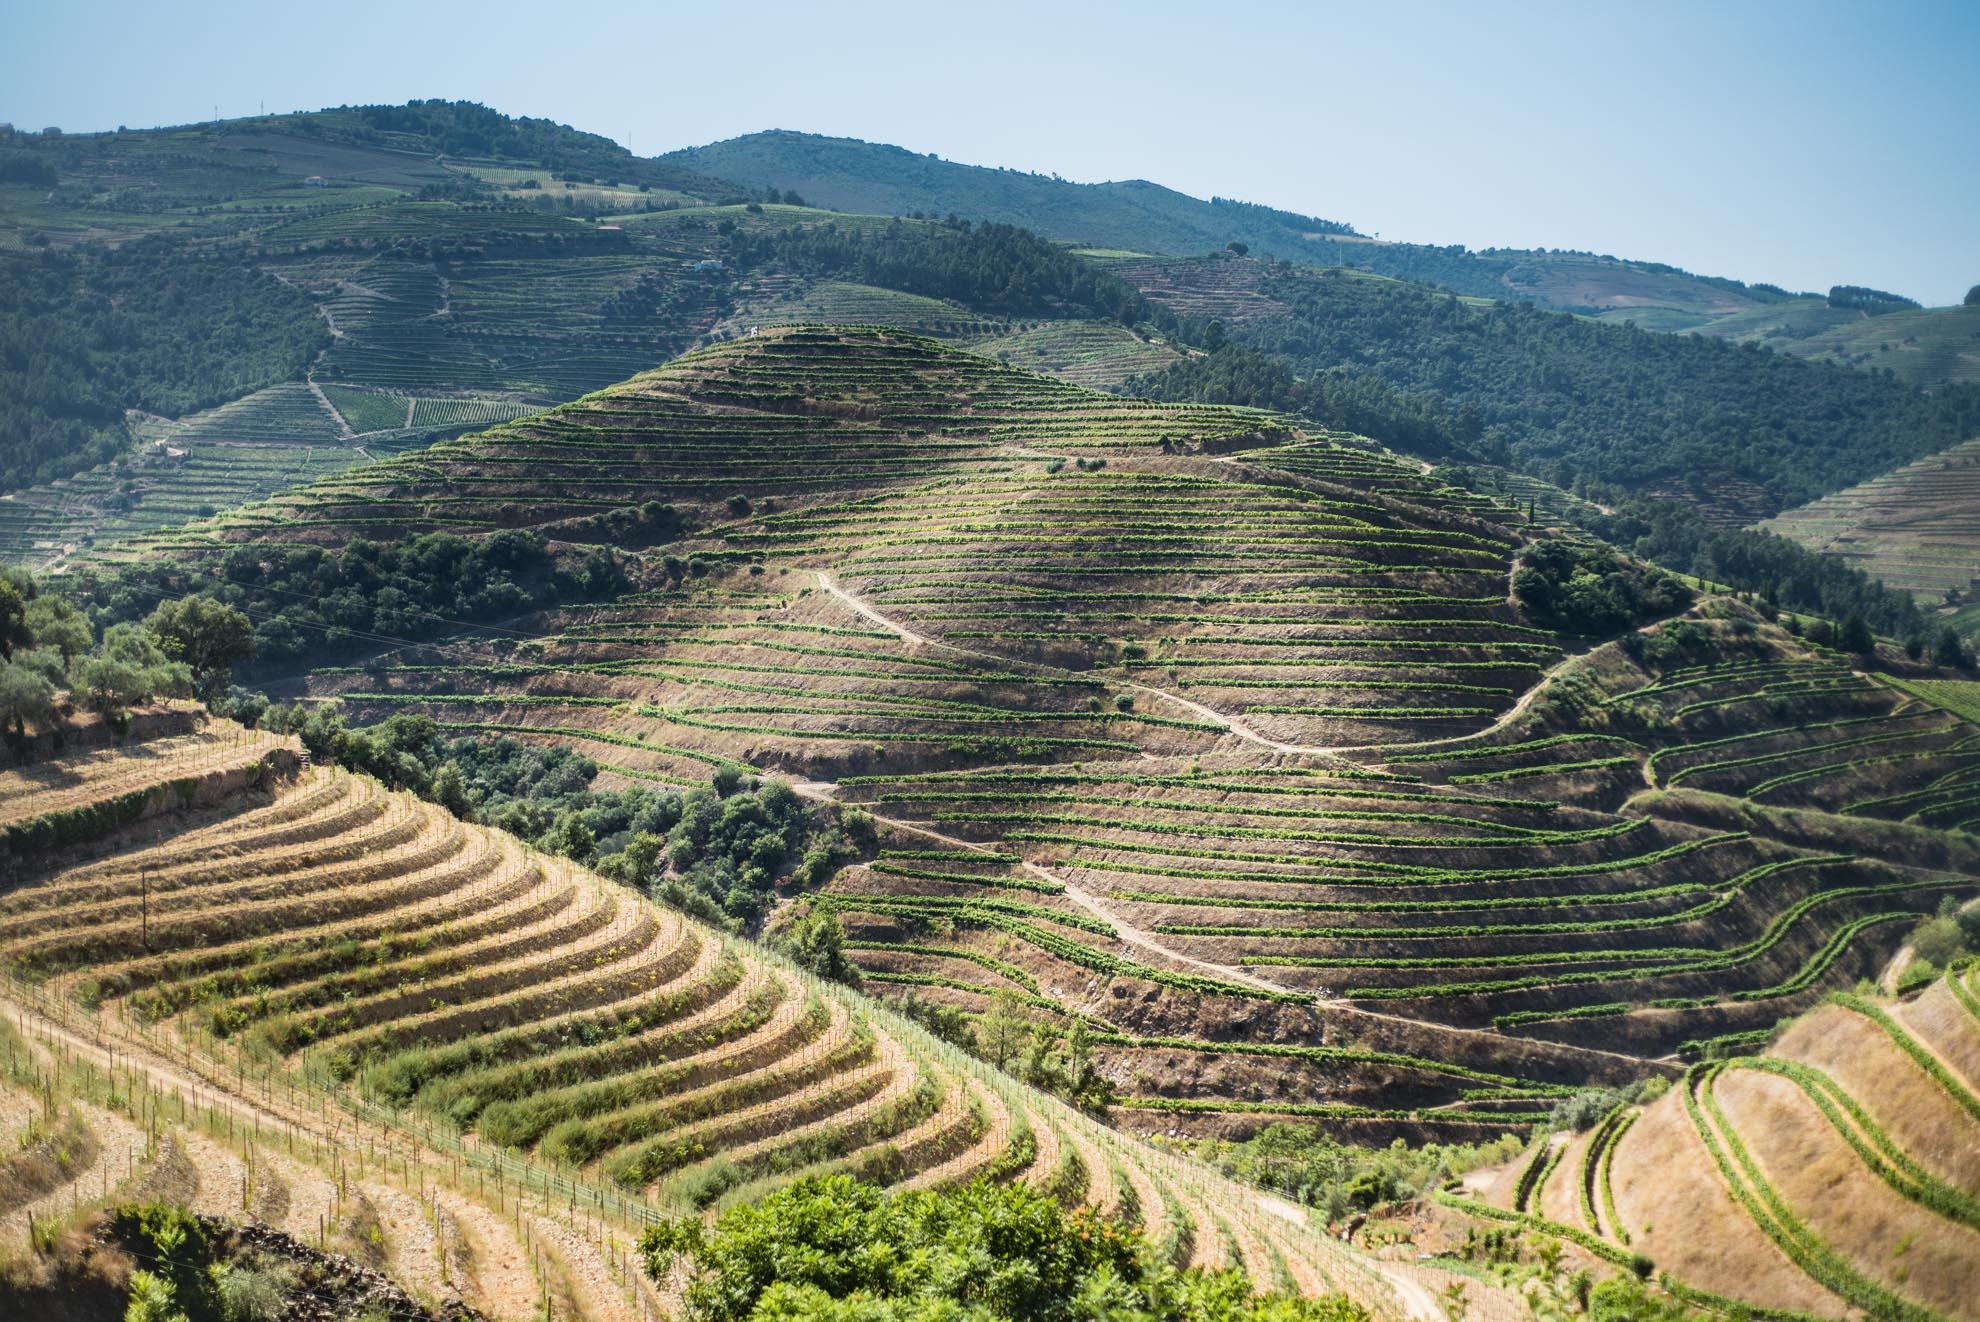 Paesaggi-Portogallo - DSC 2342 - DSC_2342 -